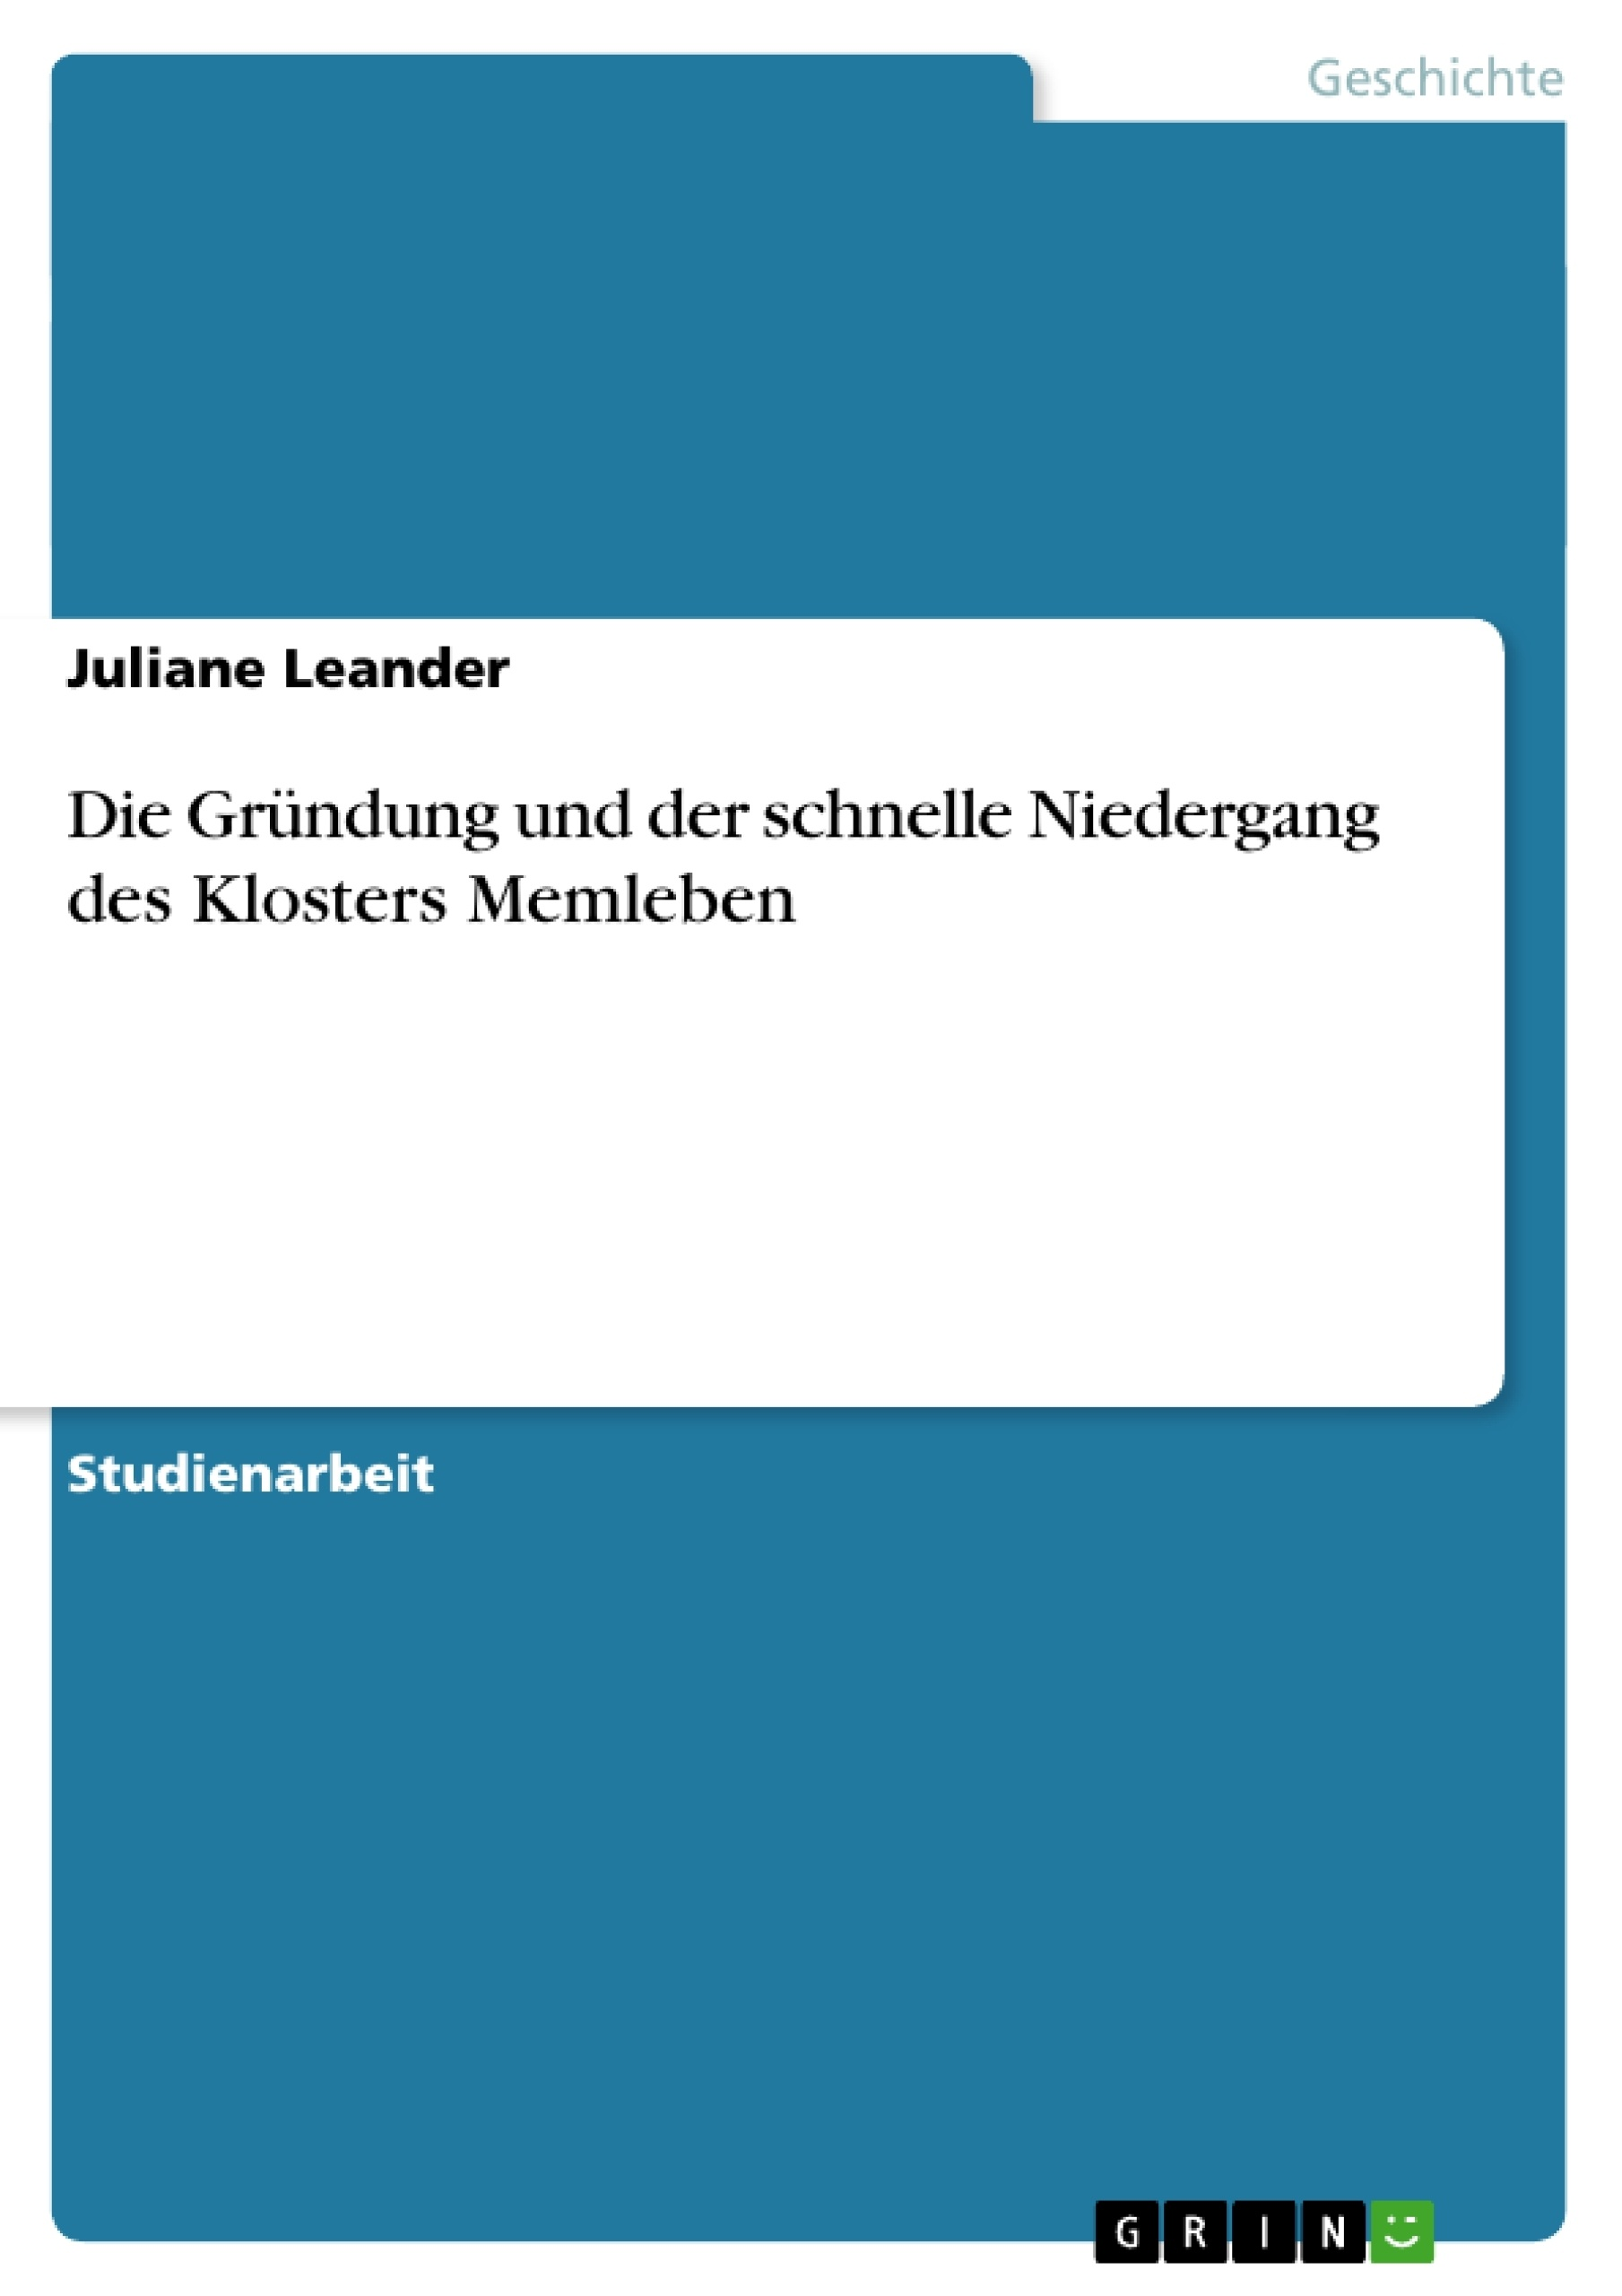 Titel: Die Gründung und der schnelle Niedergang des Klosters Memleben